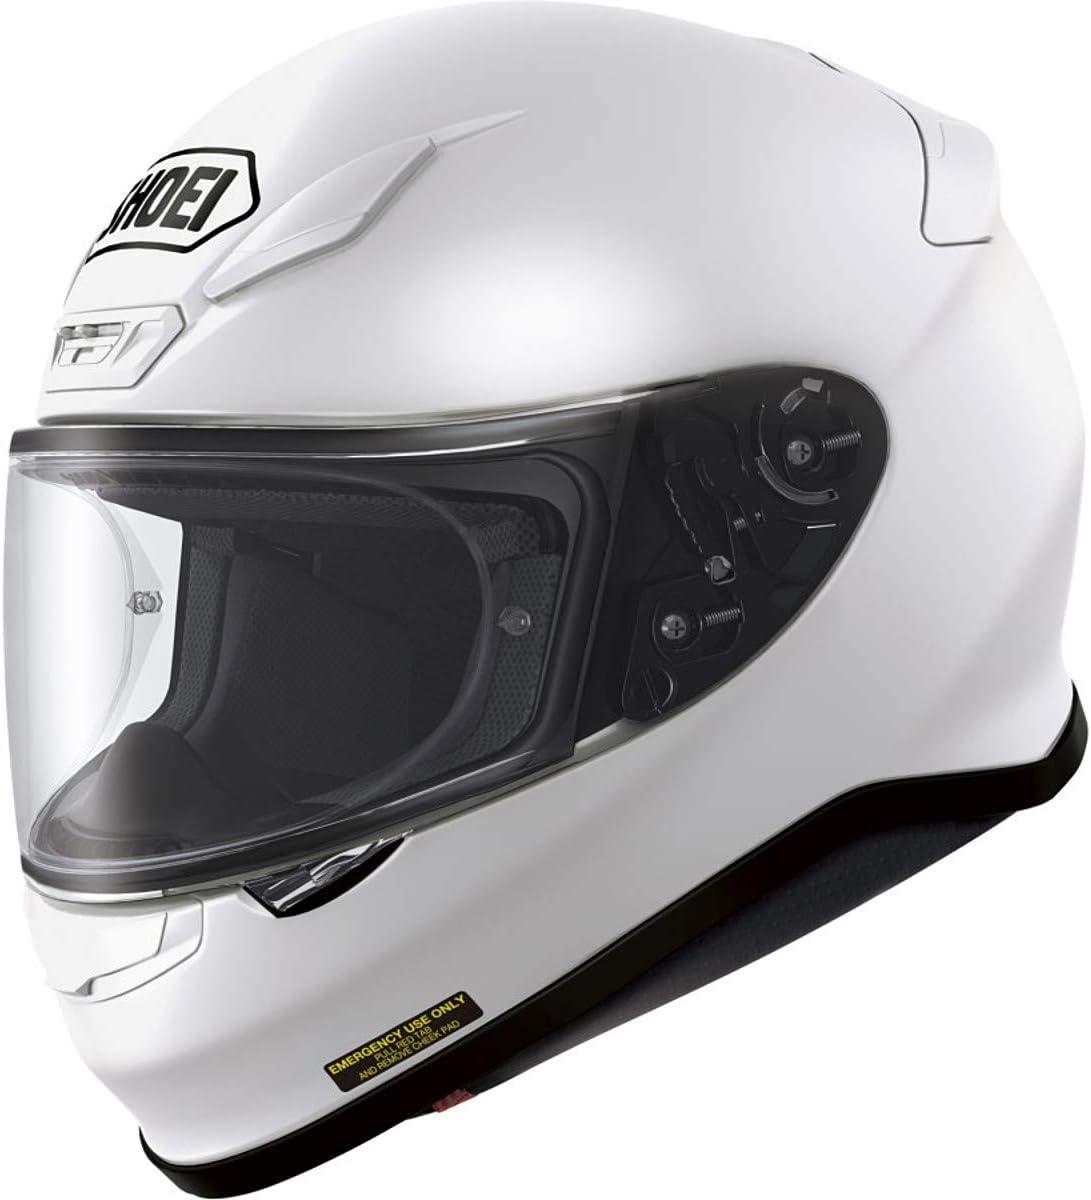 Shoei Solid RF-1200 Sports Bike Racing Motorcycle Helmet - White/Medium